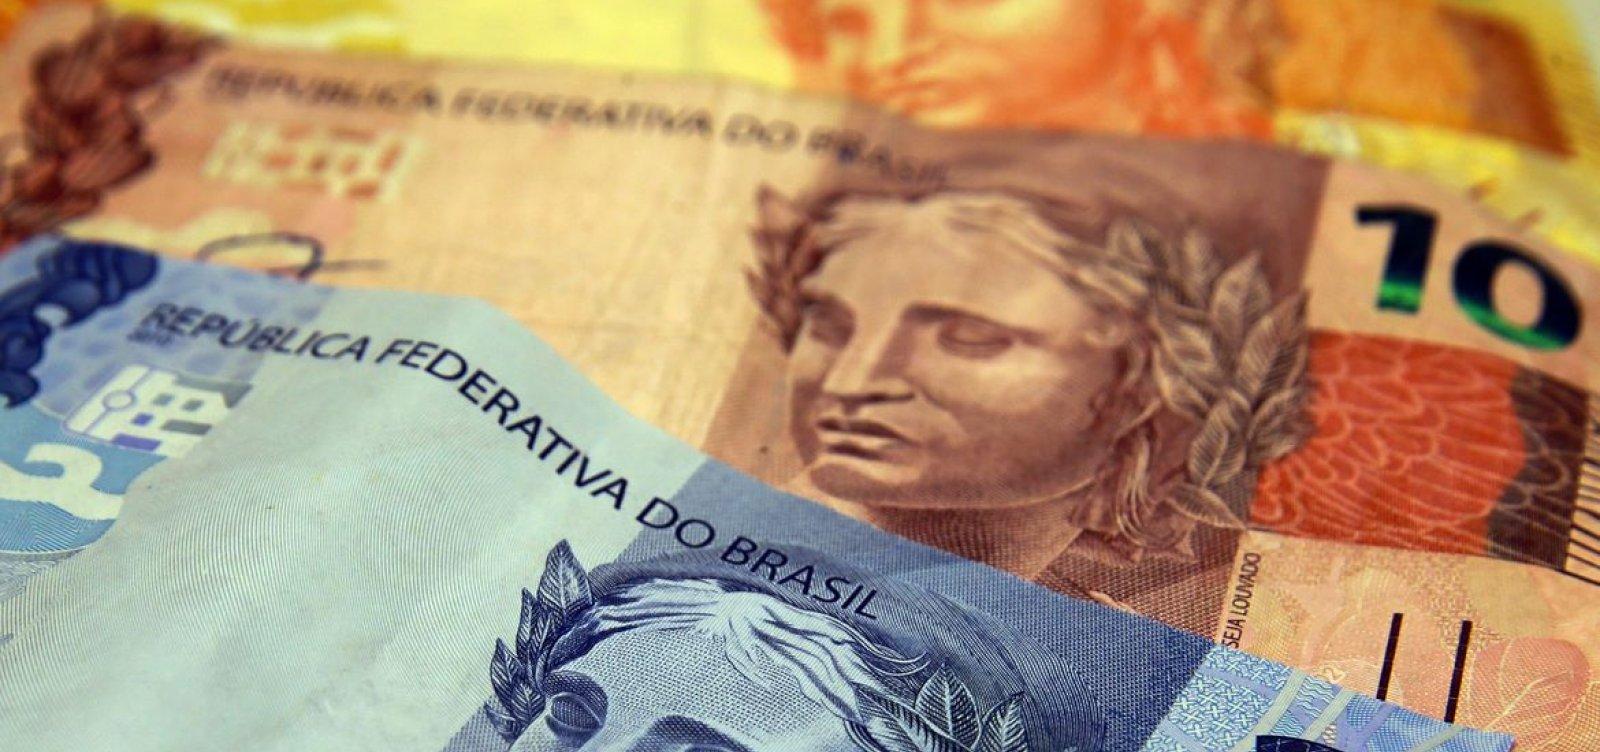 [Governo Bolsonaro não deve pagar 13º salário do Bolsa Família em 2020]